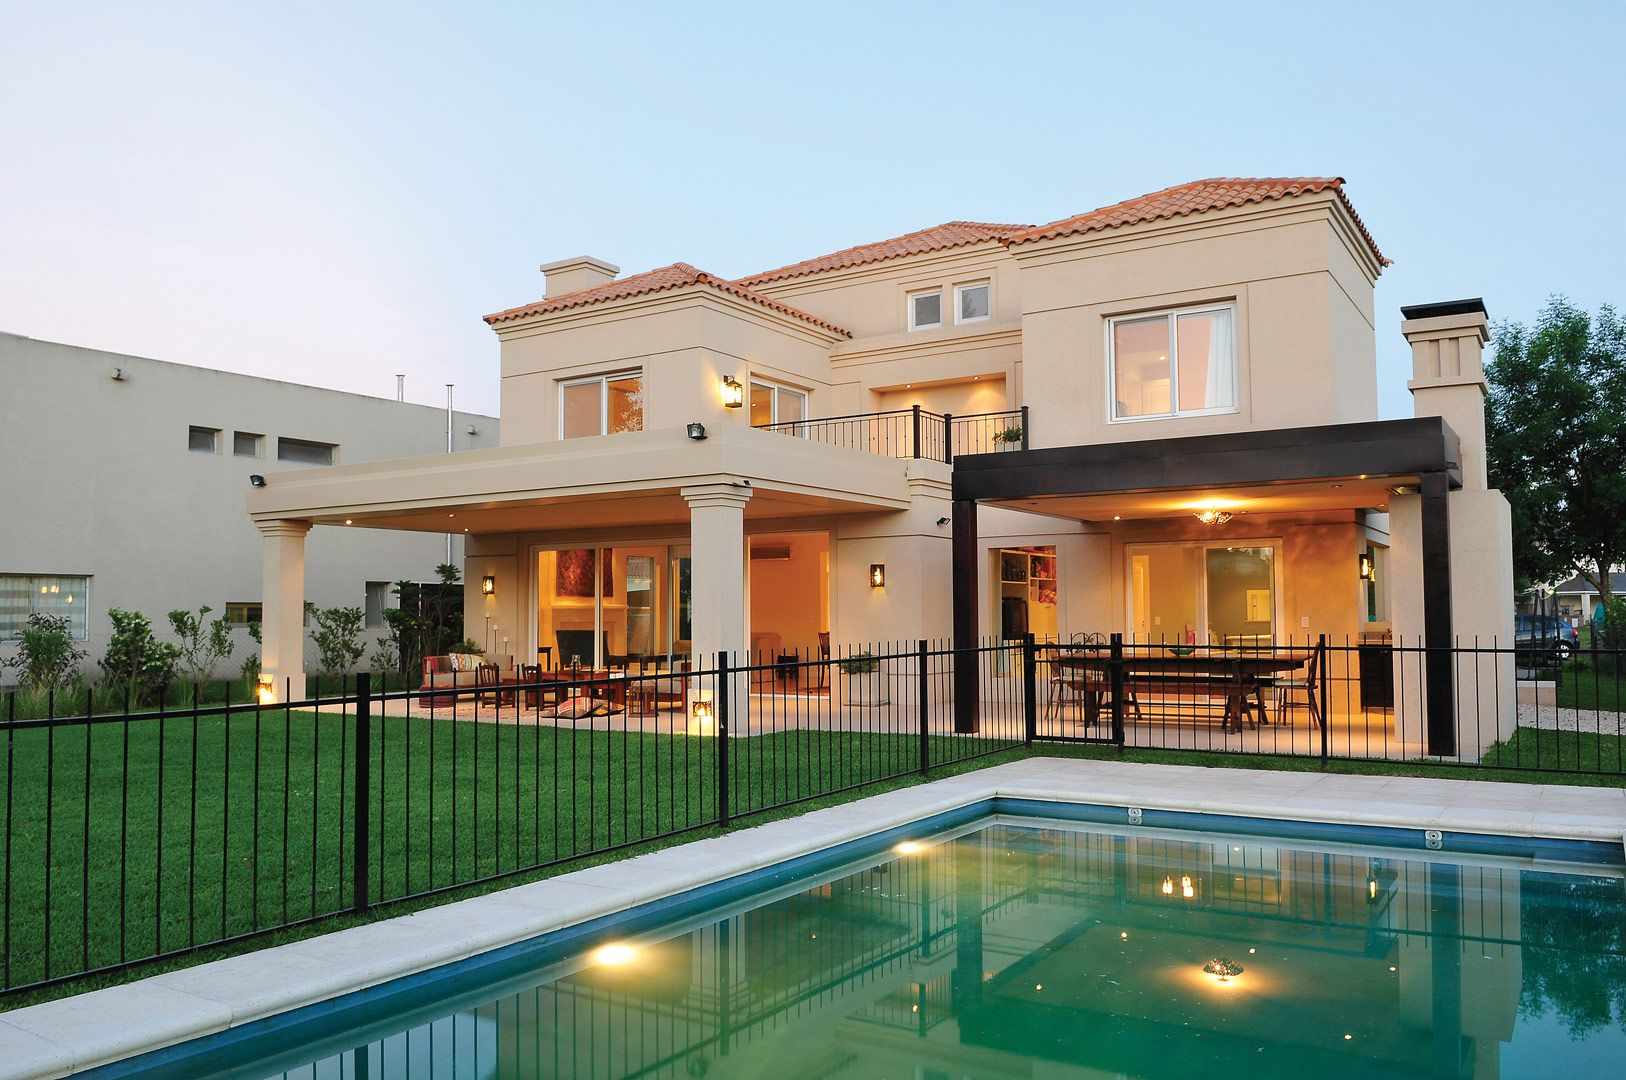 Junor arquitectos arquitectos casas y fachadas for Estilos de casas modernas